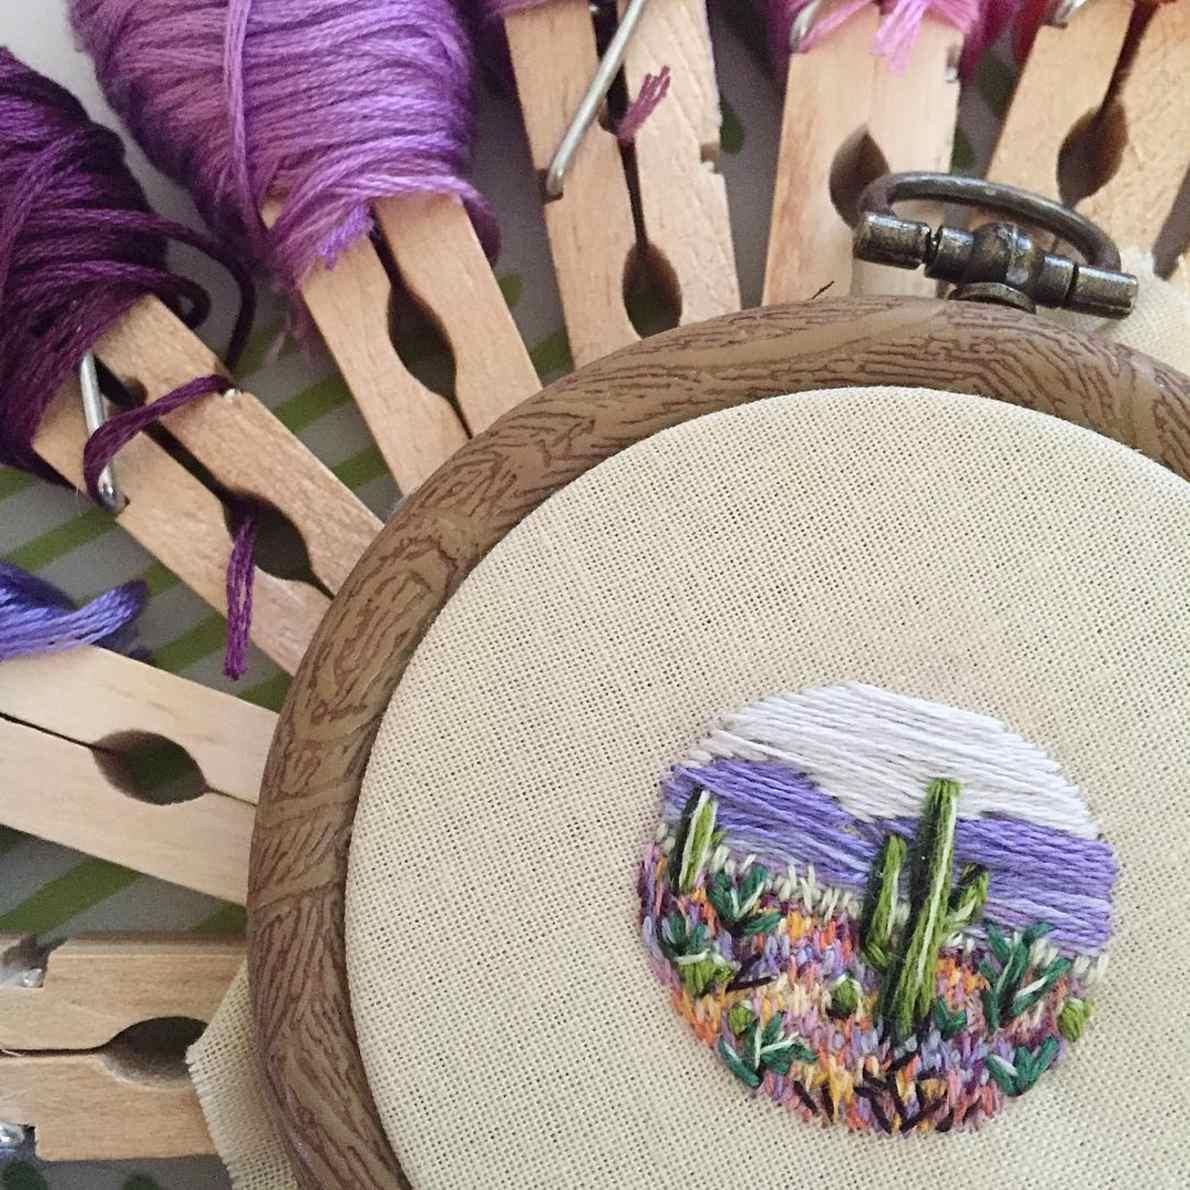 Tiny Landscape Embroidery